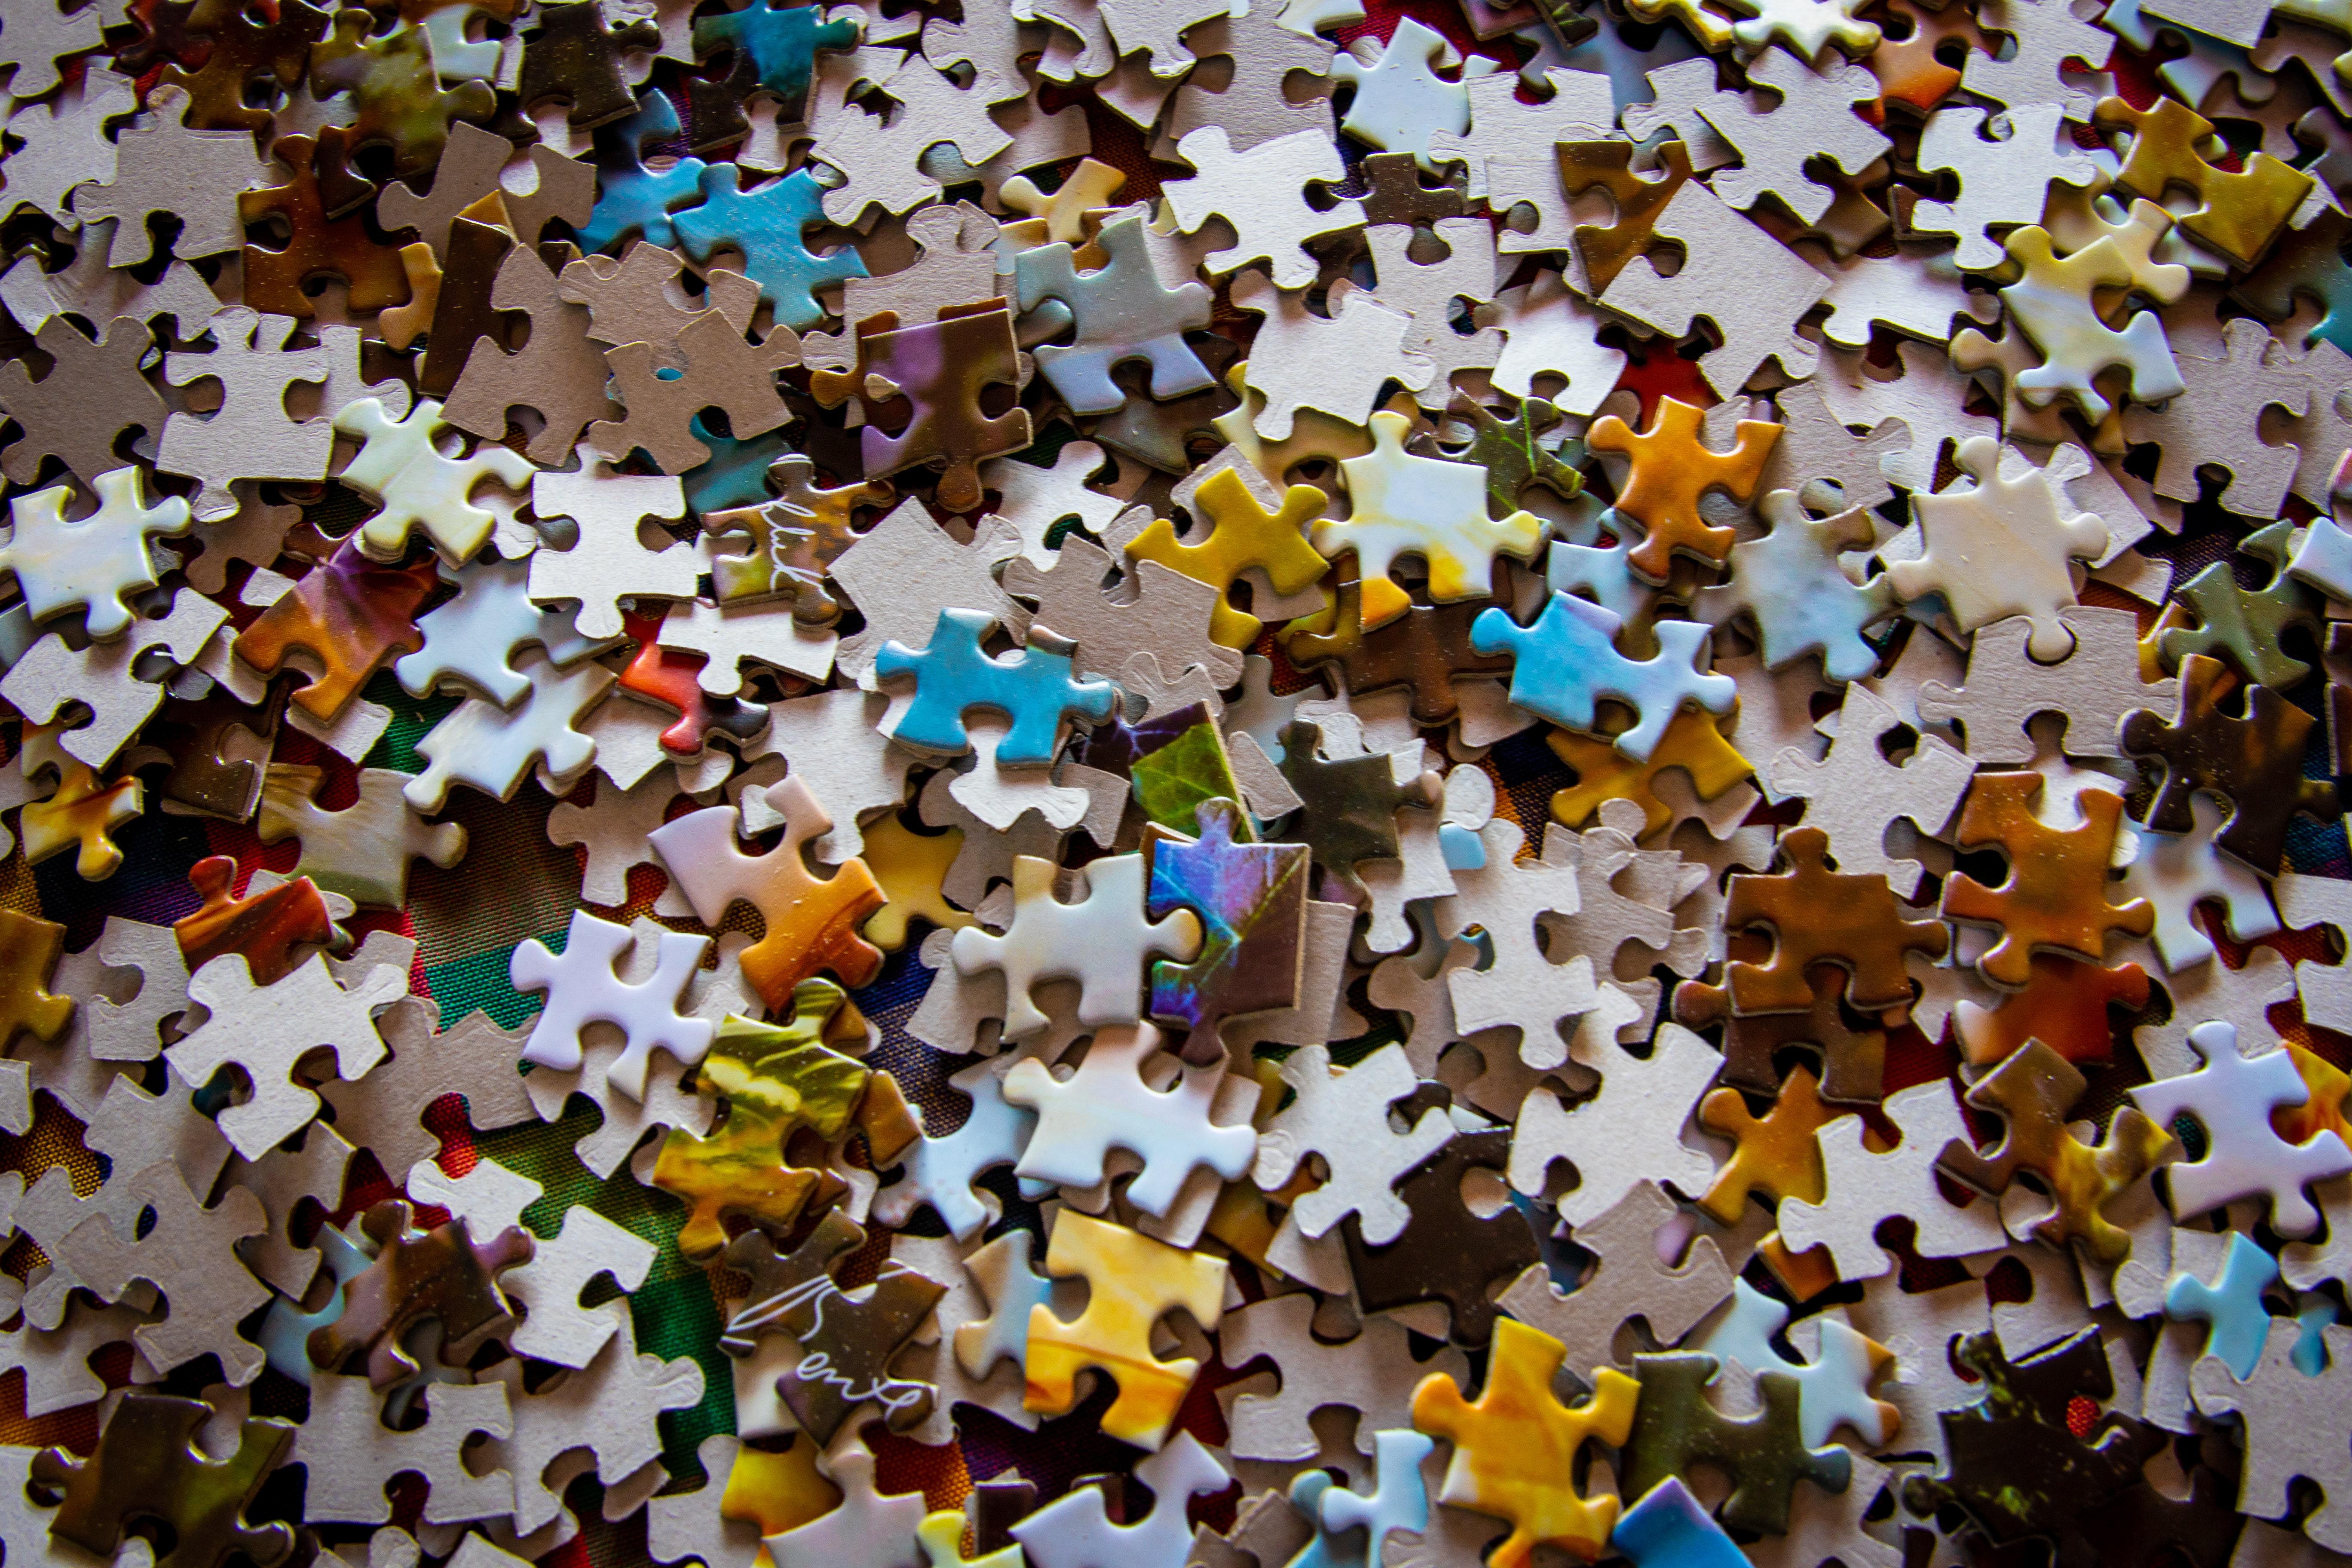 Les pièces maîtresses du puzzle